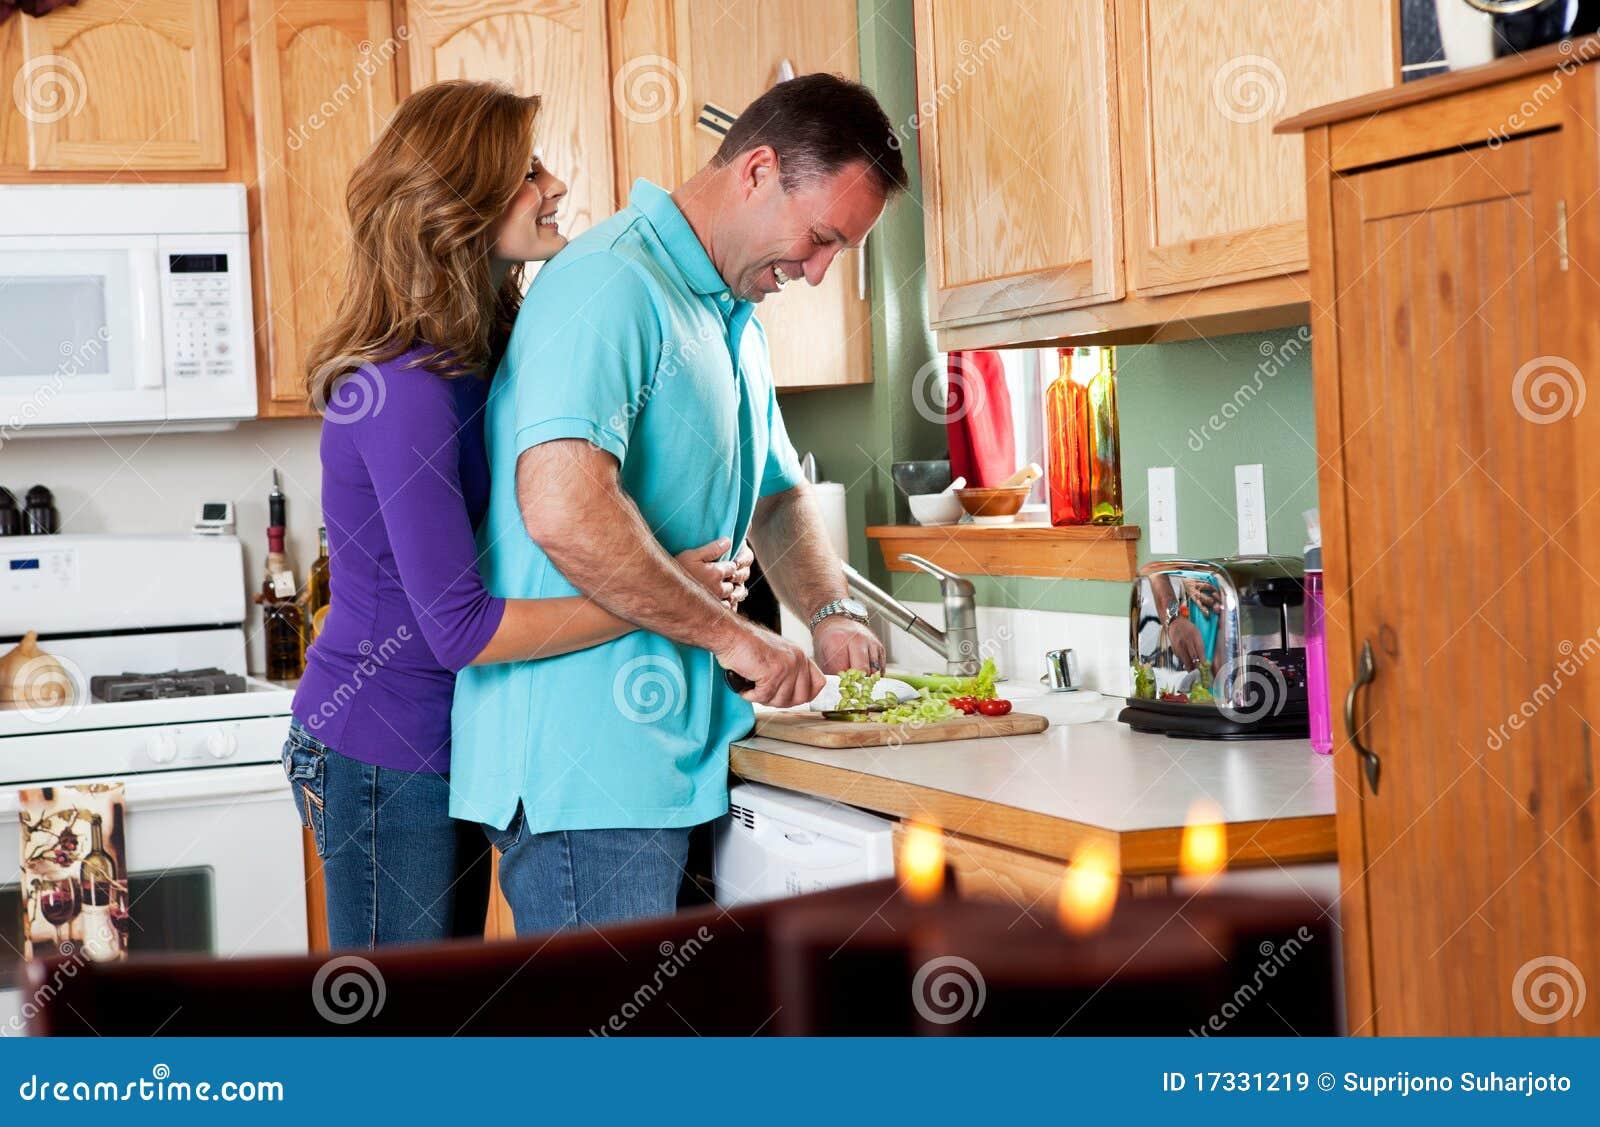 Секс на кухне в гостях, Порно на Кухне, смотреть видео Секс на Кухне 19 фотография